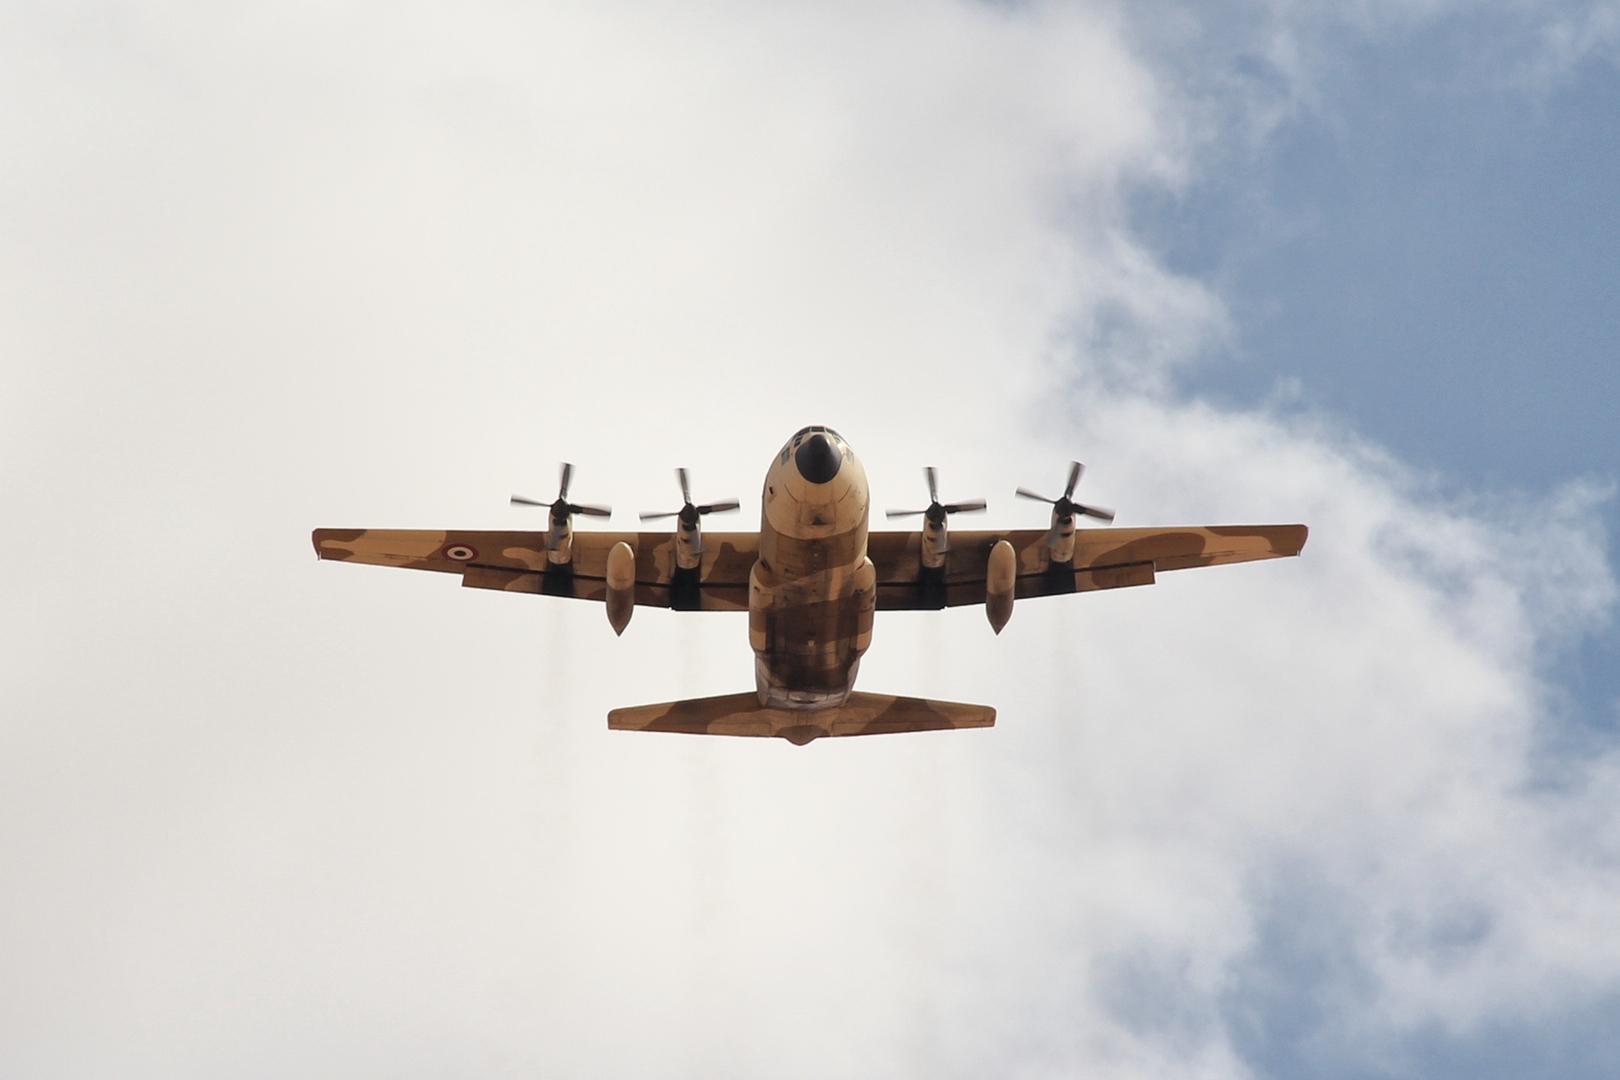 الجيش المصري يستعد للمعركة في ليبيا.. ومفاجئة لتركيا بنشر سلاح متطور